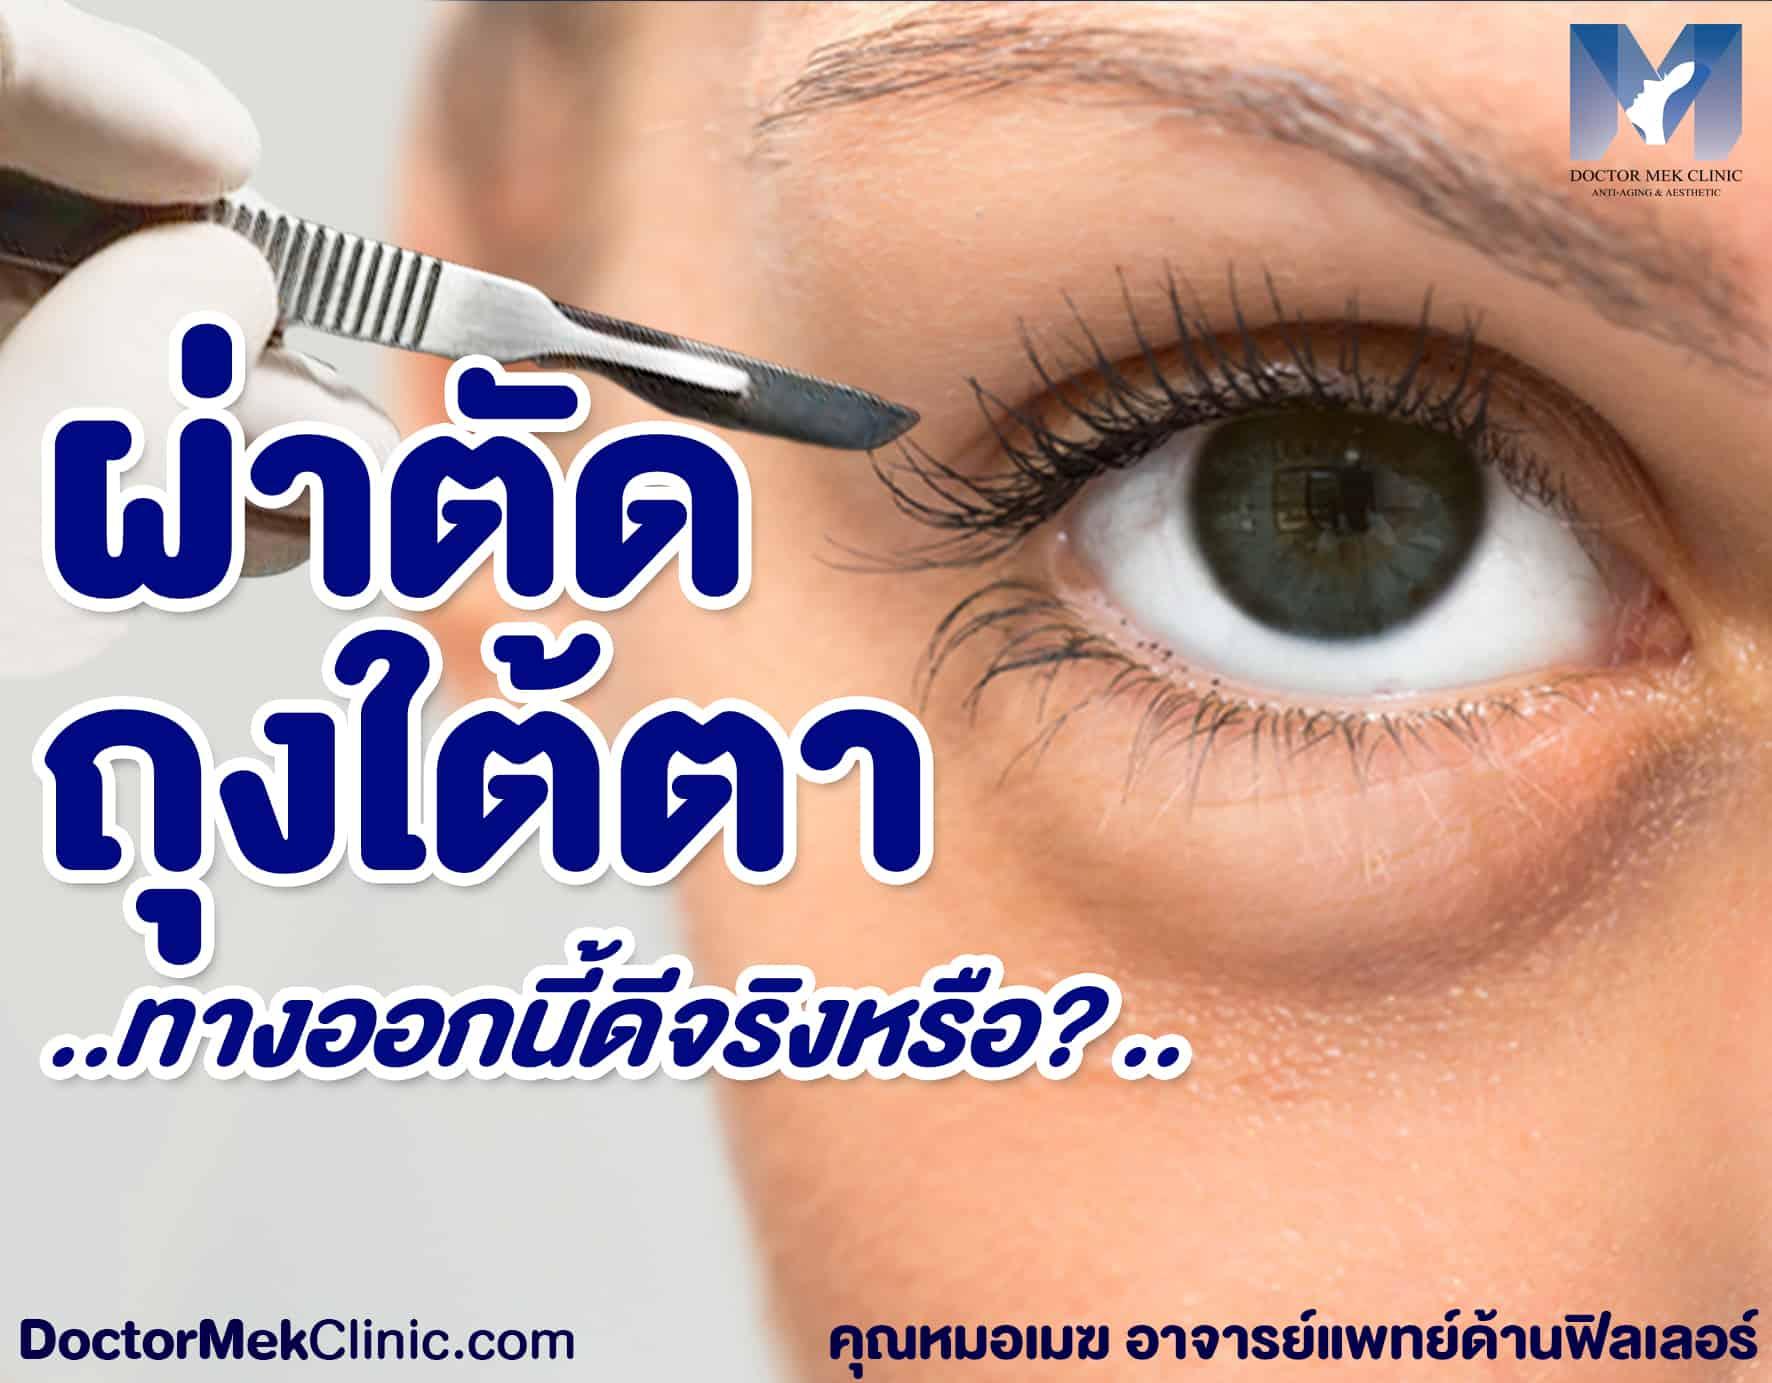 ผ่าตัดถุงใต้ตา